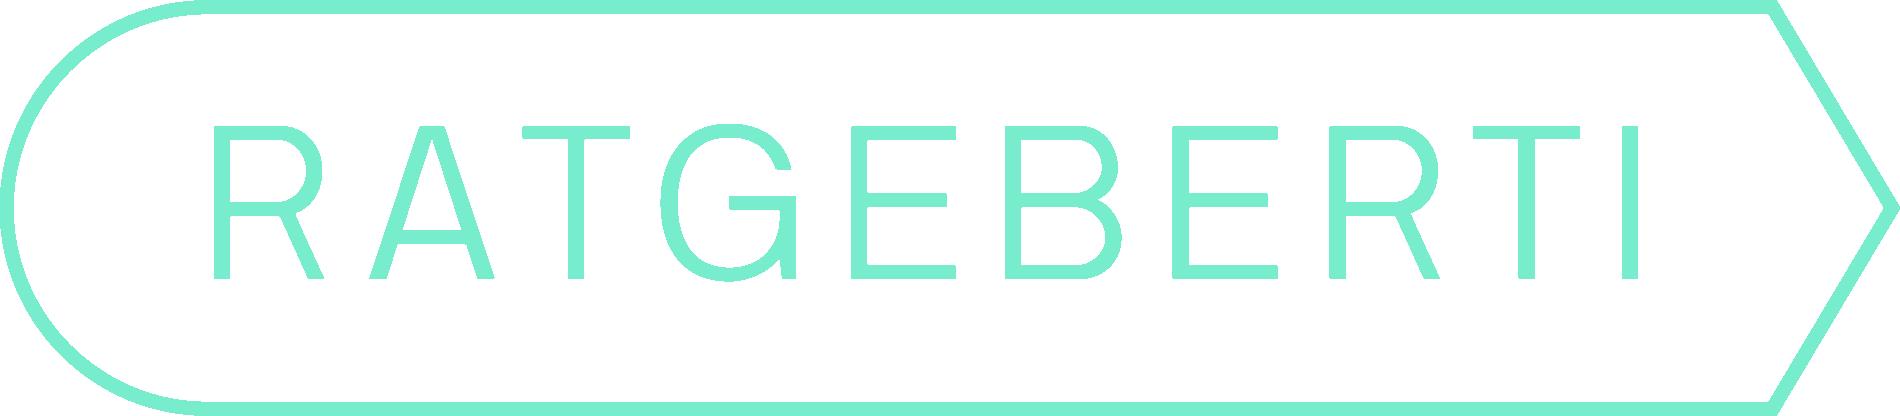 Ratgeberti.de